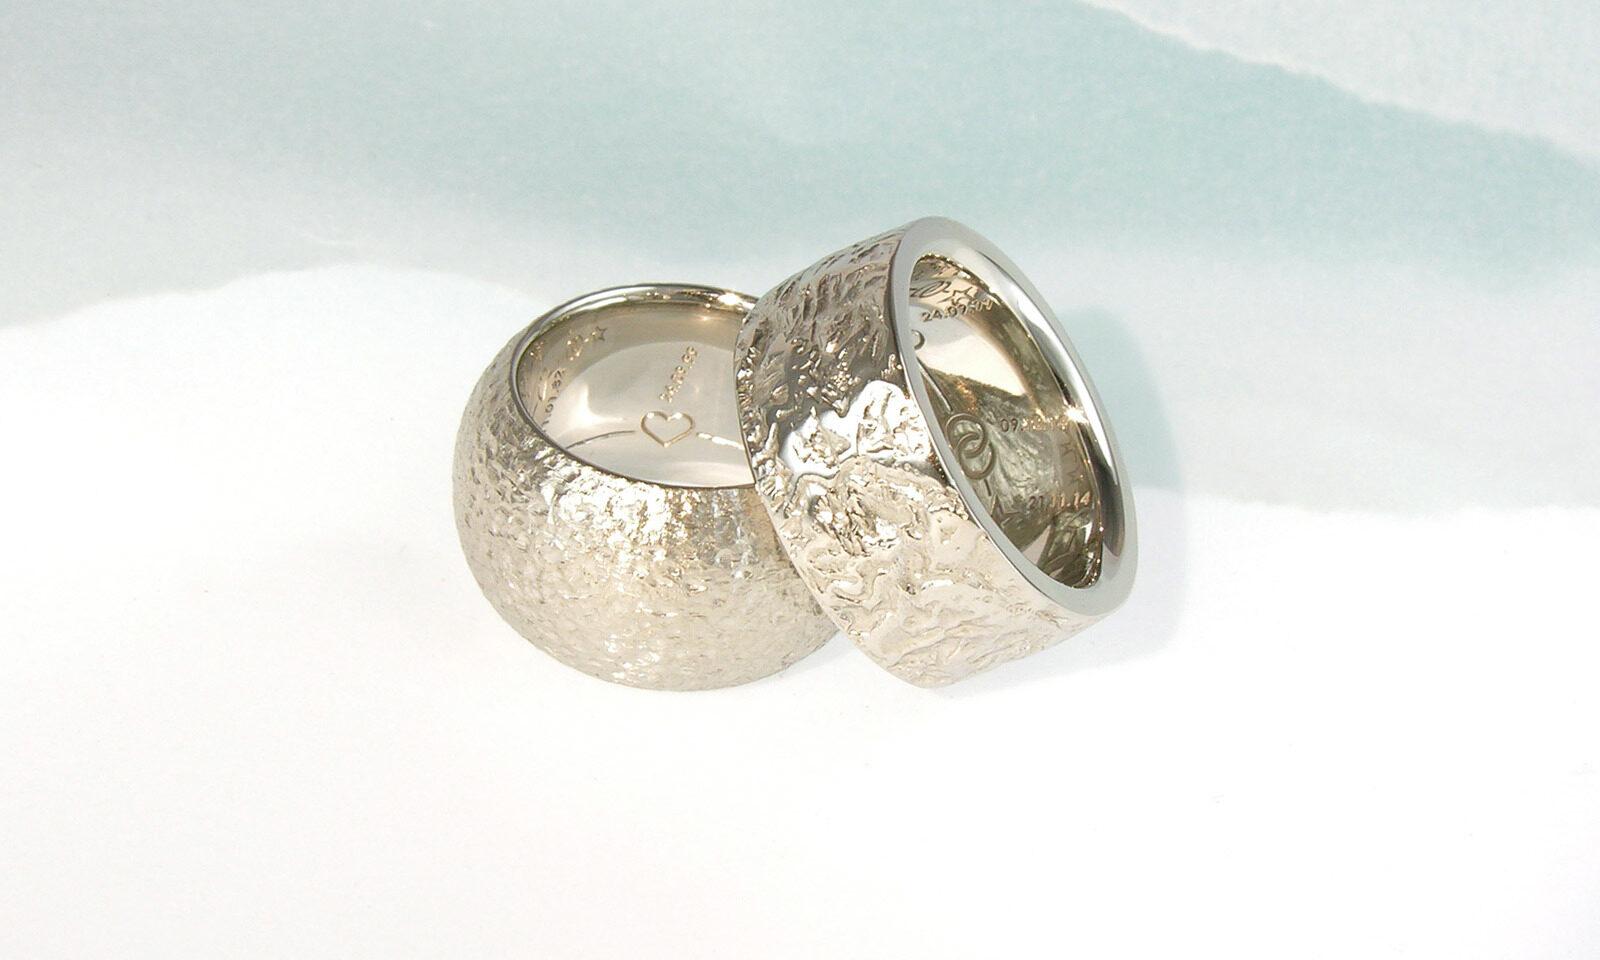 Platin Ringe Hochzeit. Trauringe Platin 950, individuelle Anfertigung nach Wunsch der Kunden